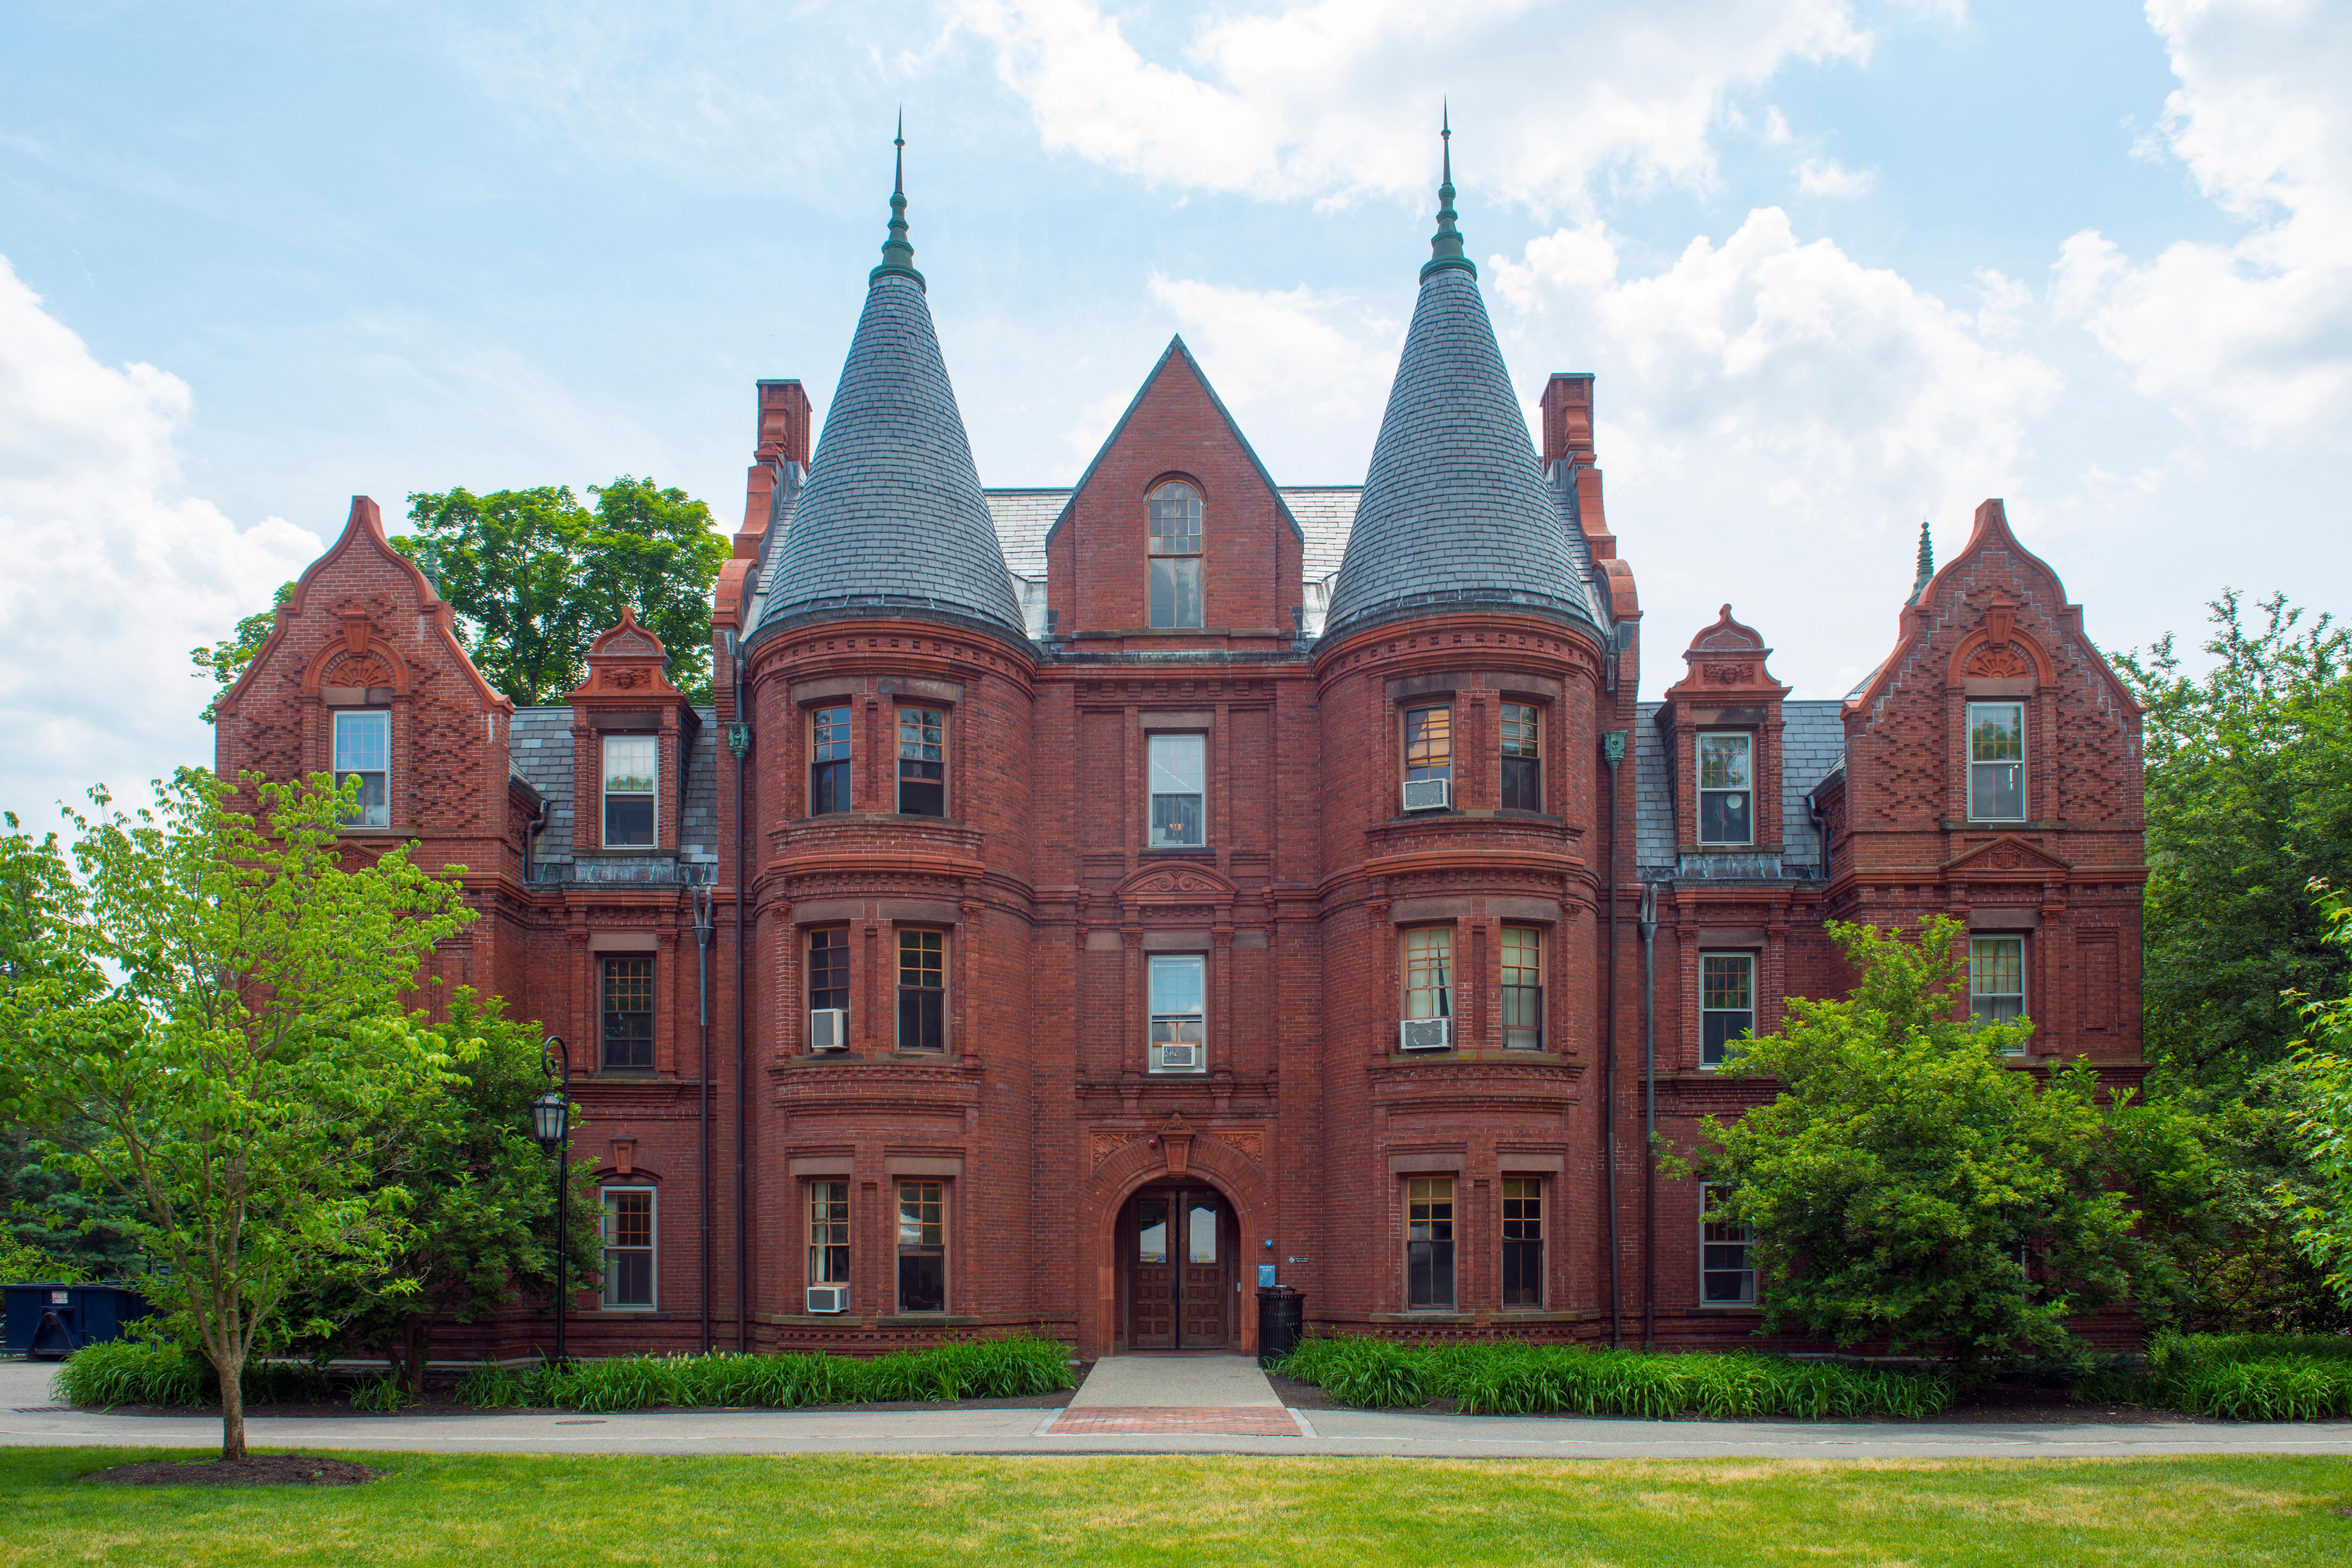 Университет США, где можно учиться и получить американское образование